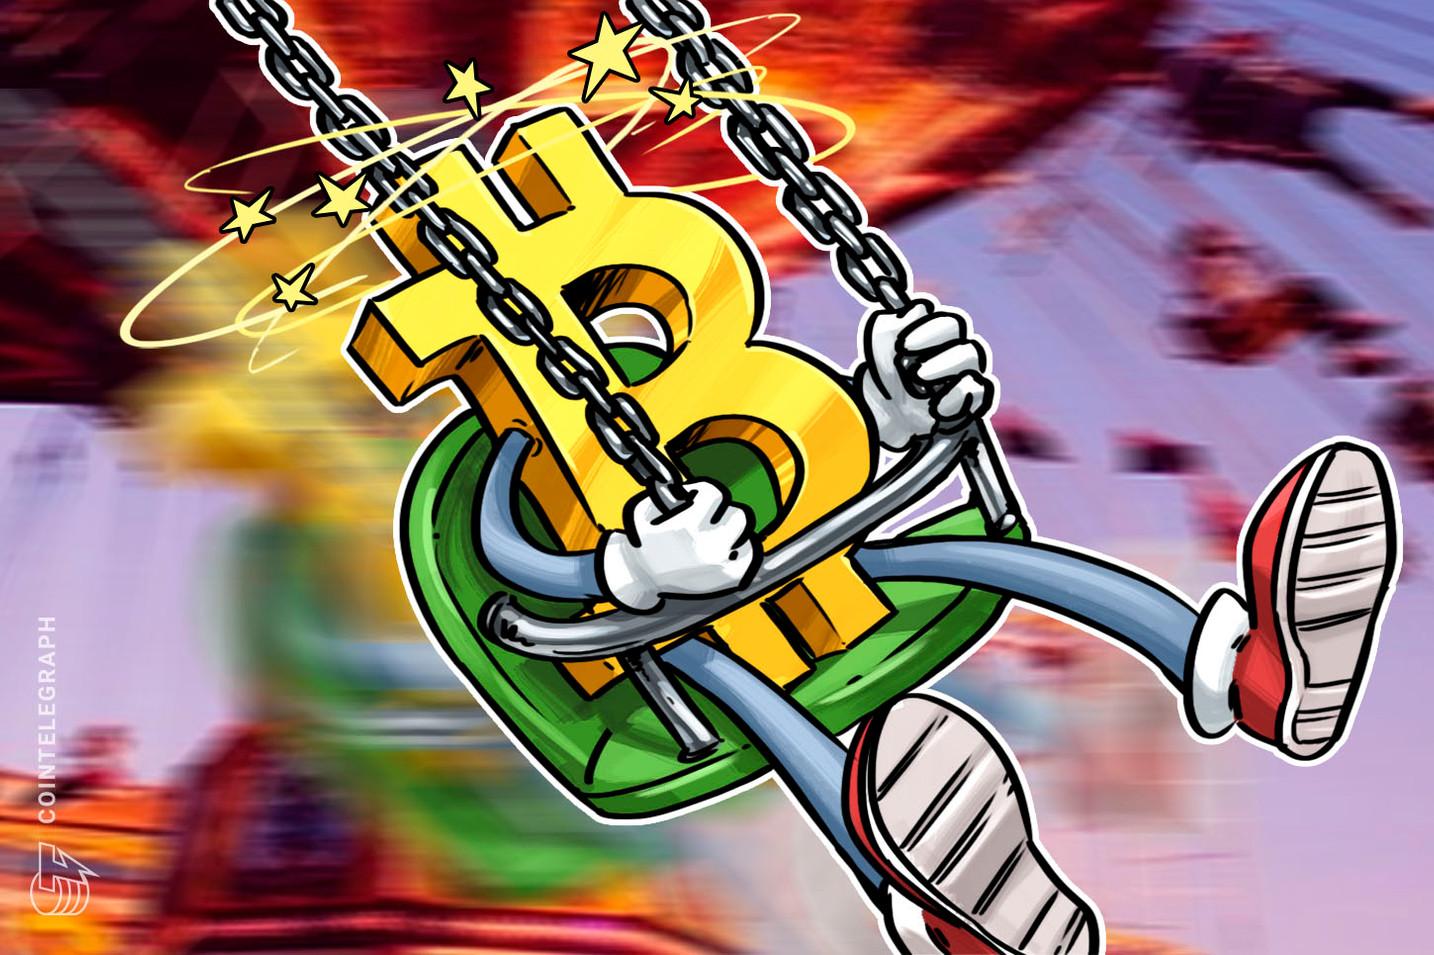 """El precio de Bitcoin cae por debajo de los USD 9,000, a la vez que un trader sugiere un retroceso """"técnico"""""""